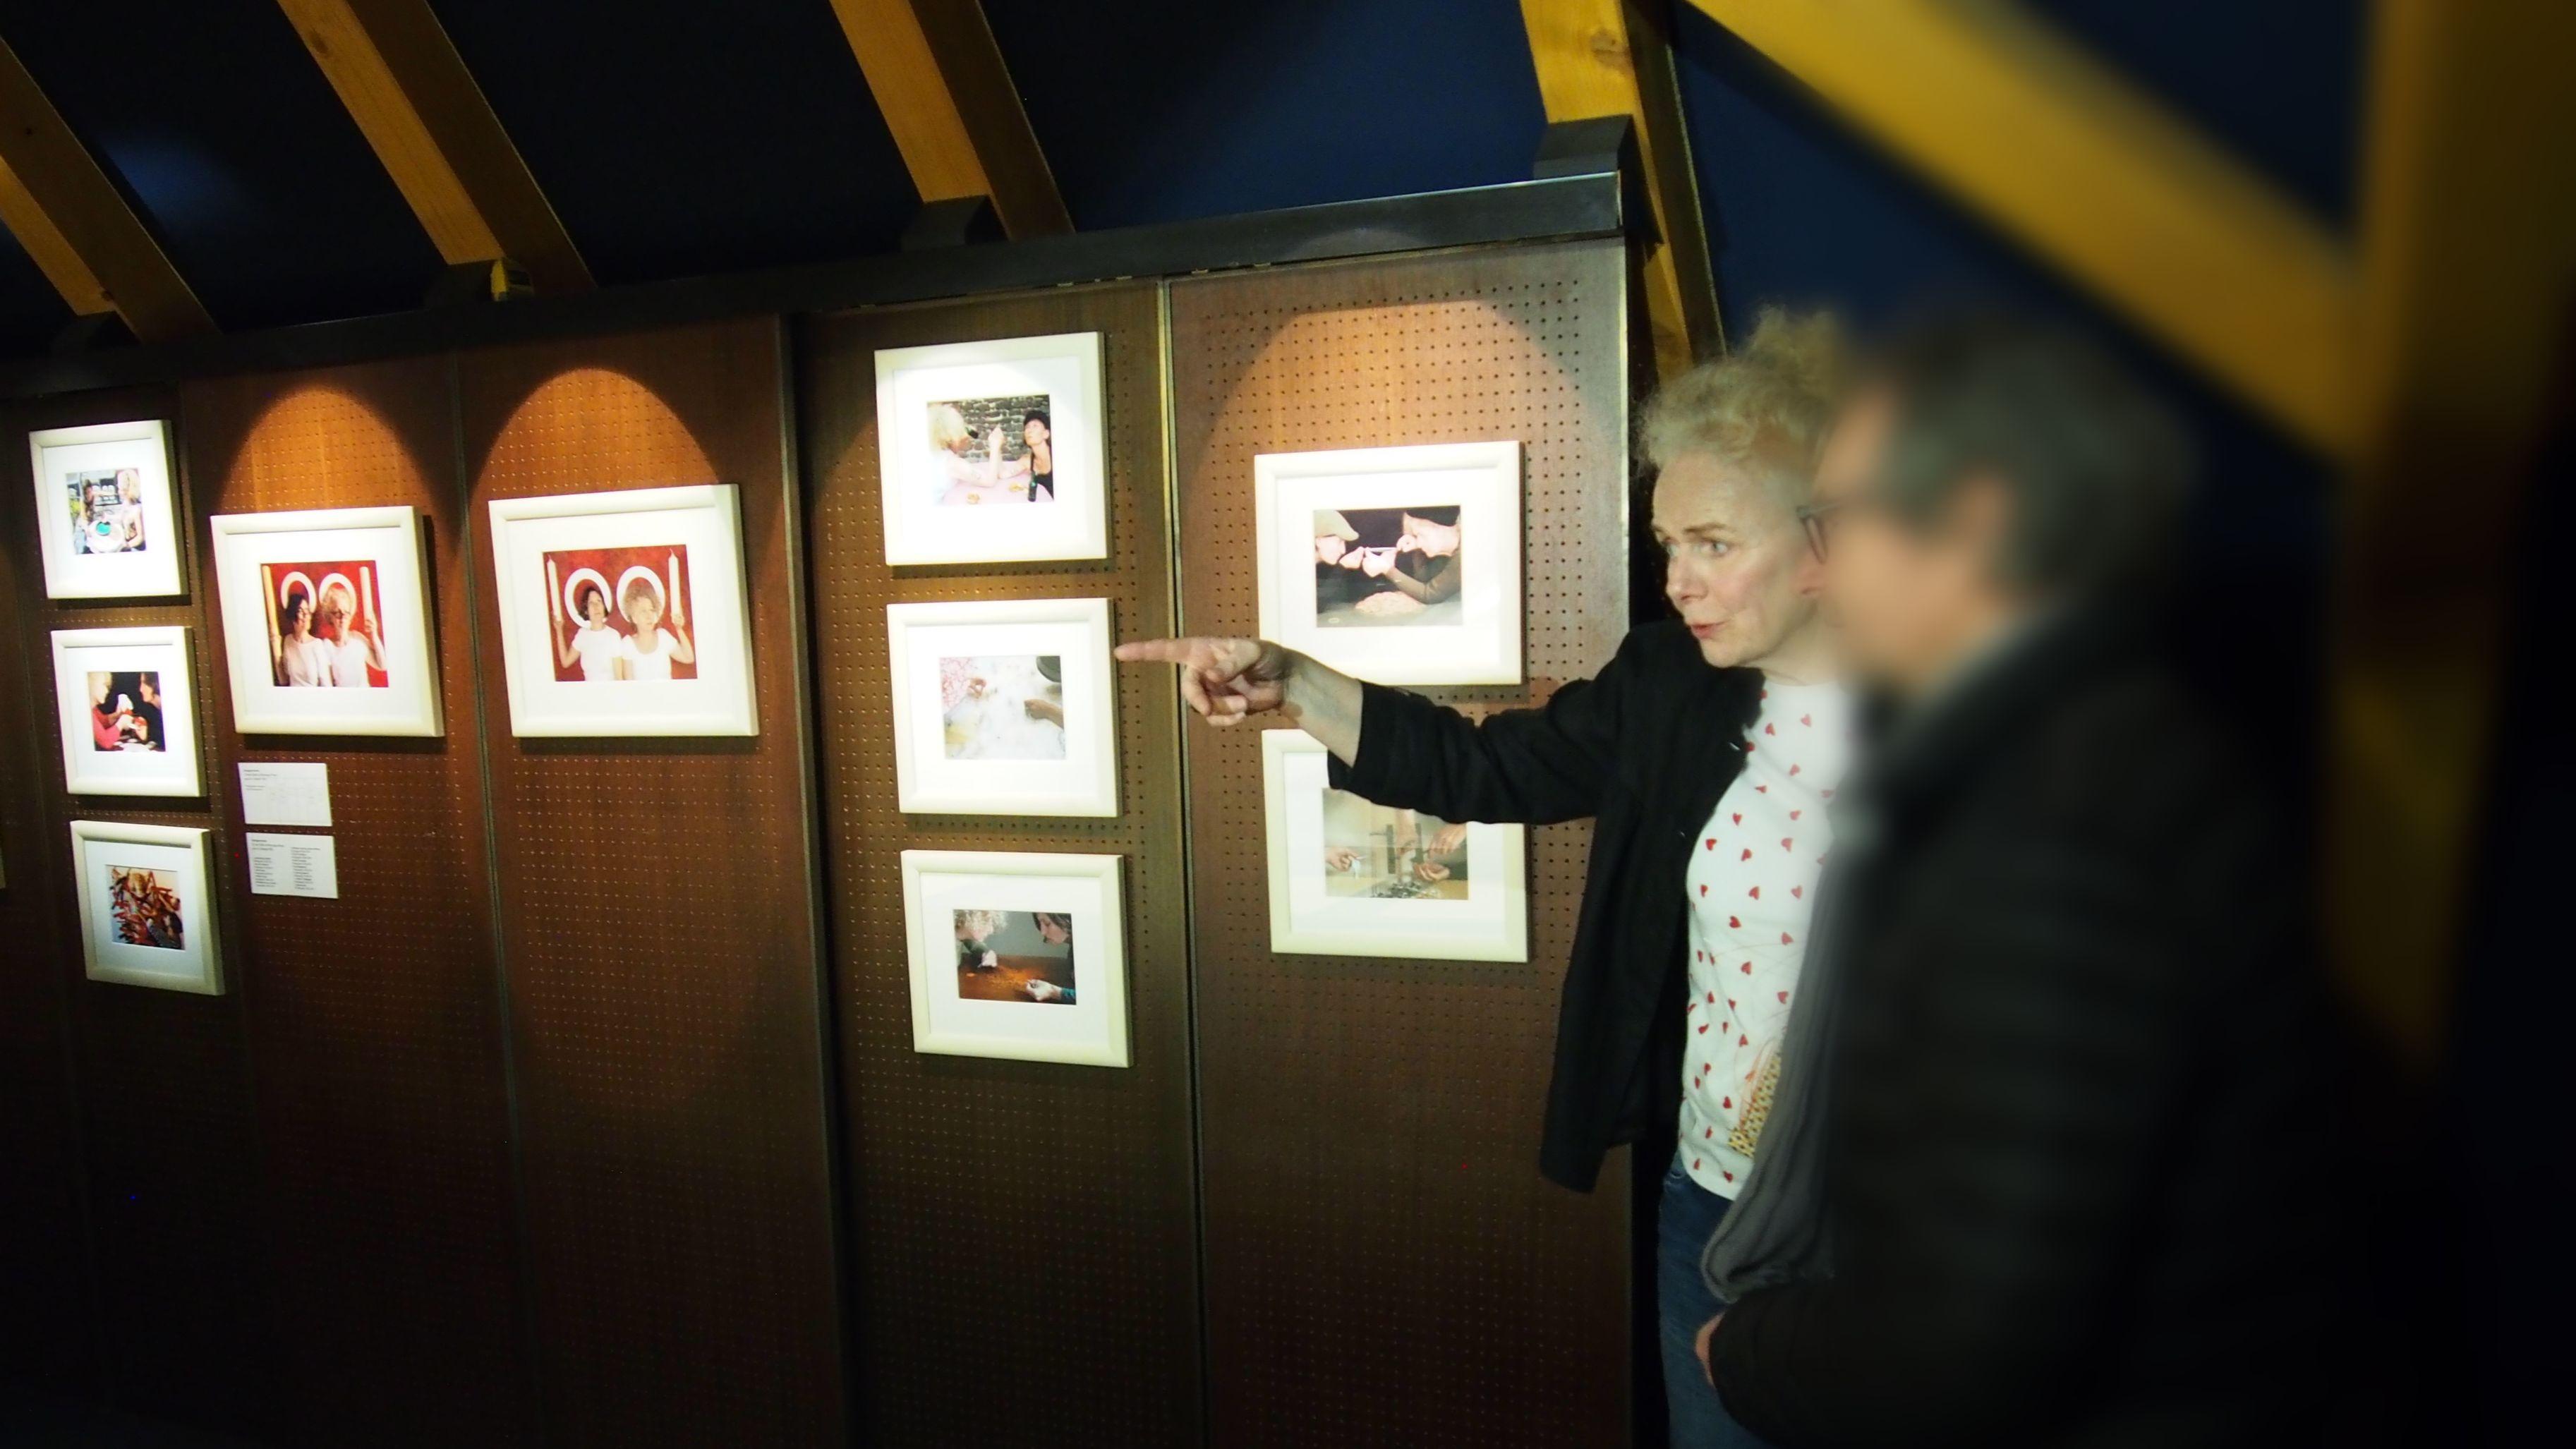 Rencontre avec les artistes : Corine Kleck et Véronique Moser